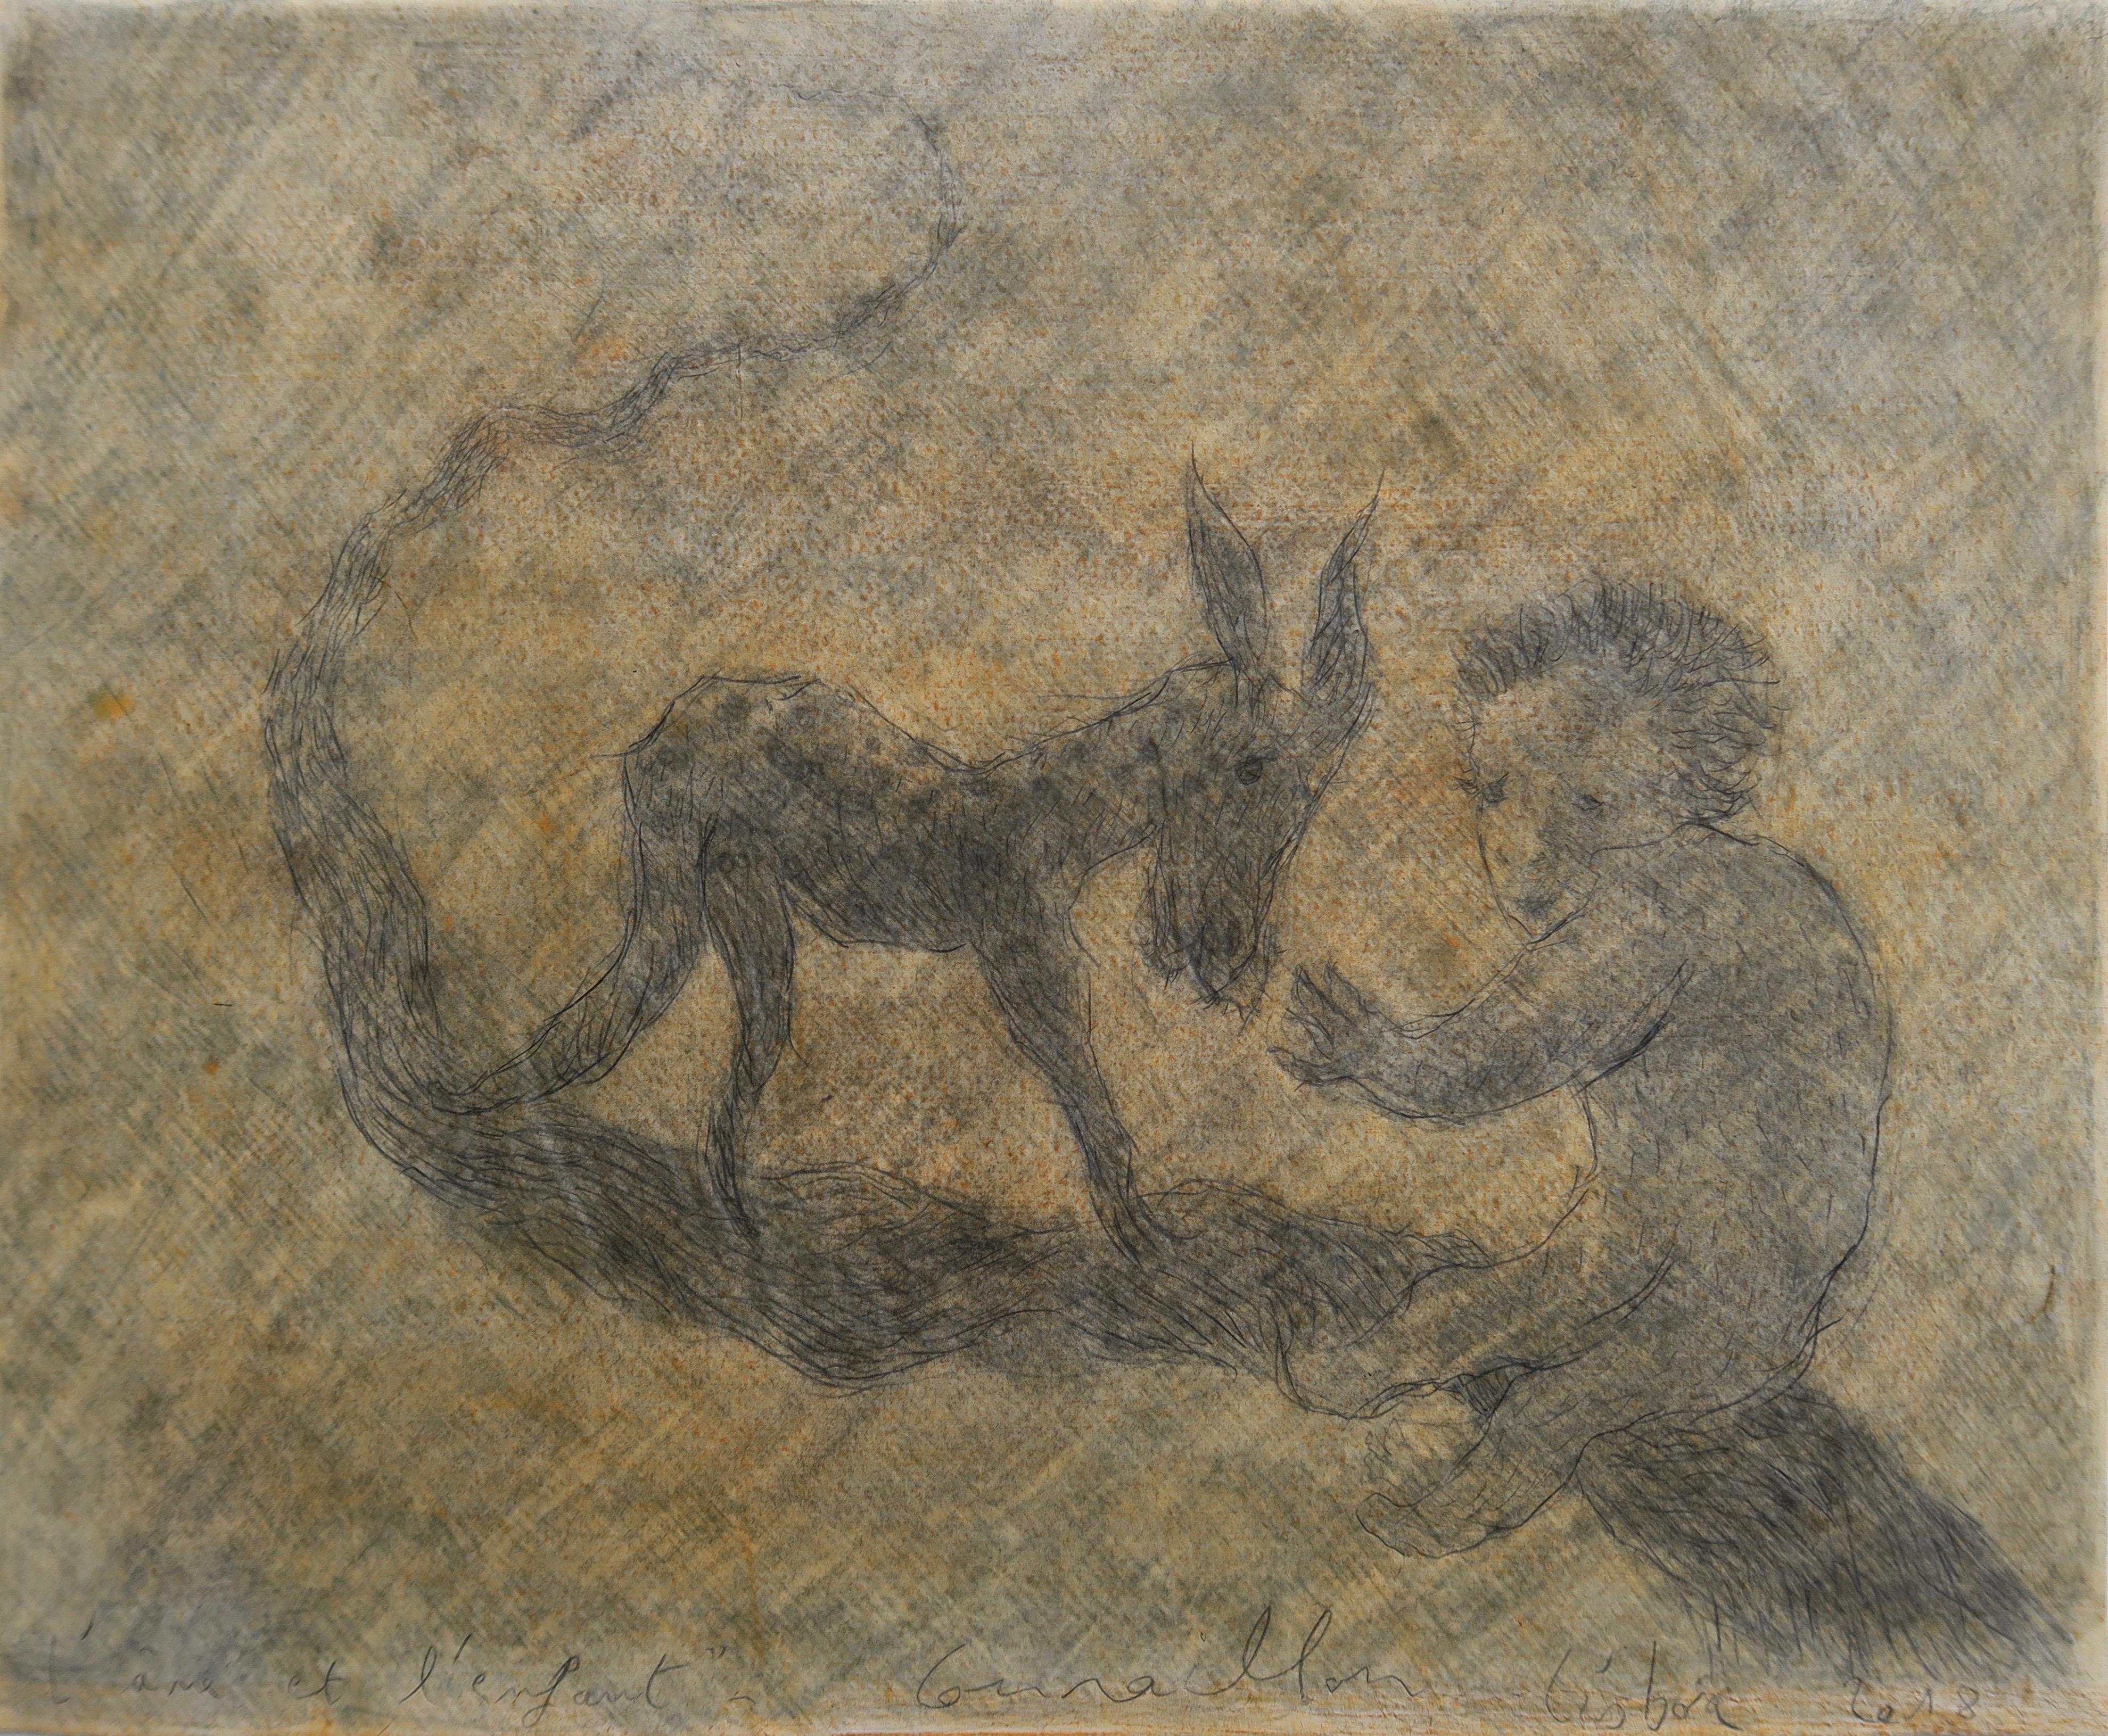 L'âne et l'enfant